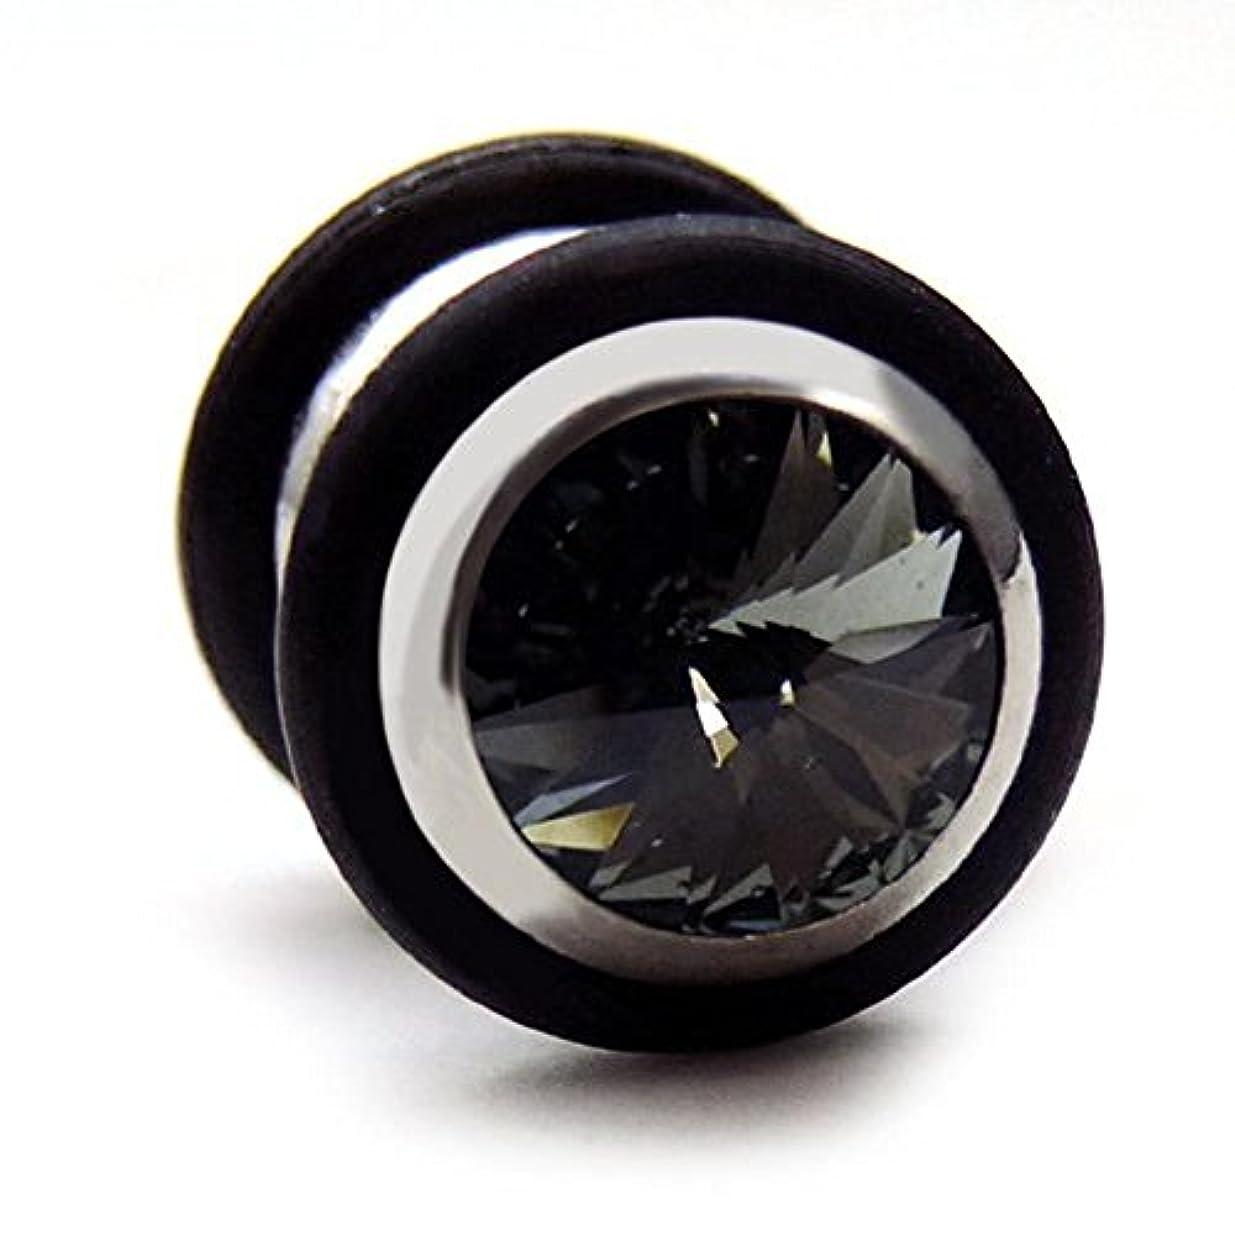 努力ジャズお願いしますスワンユニオン swanunion 黒丸型 片耳 磁石 マグピ ステンレス製 フェイクピアス fp22-M